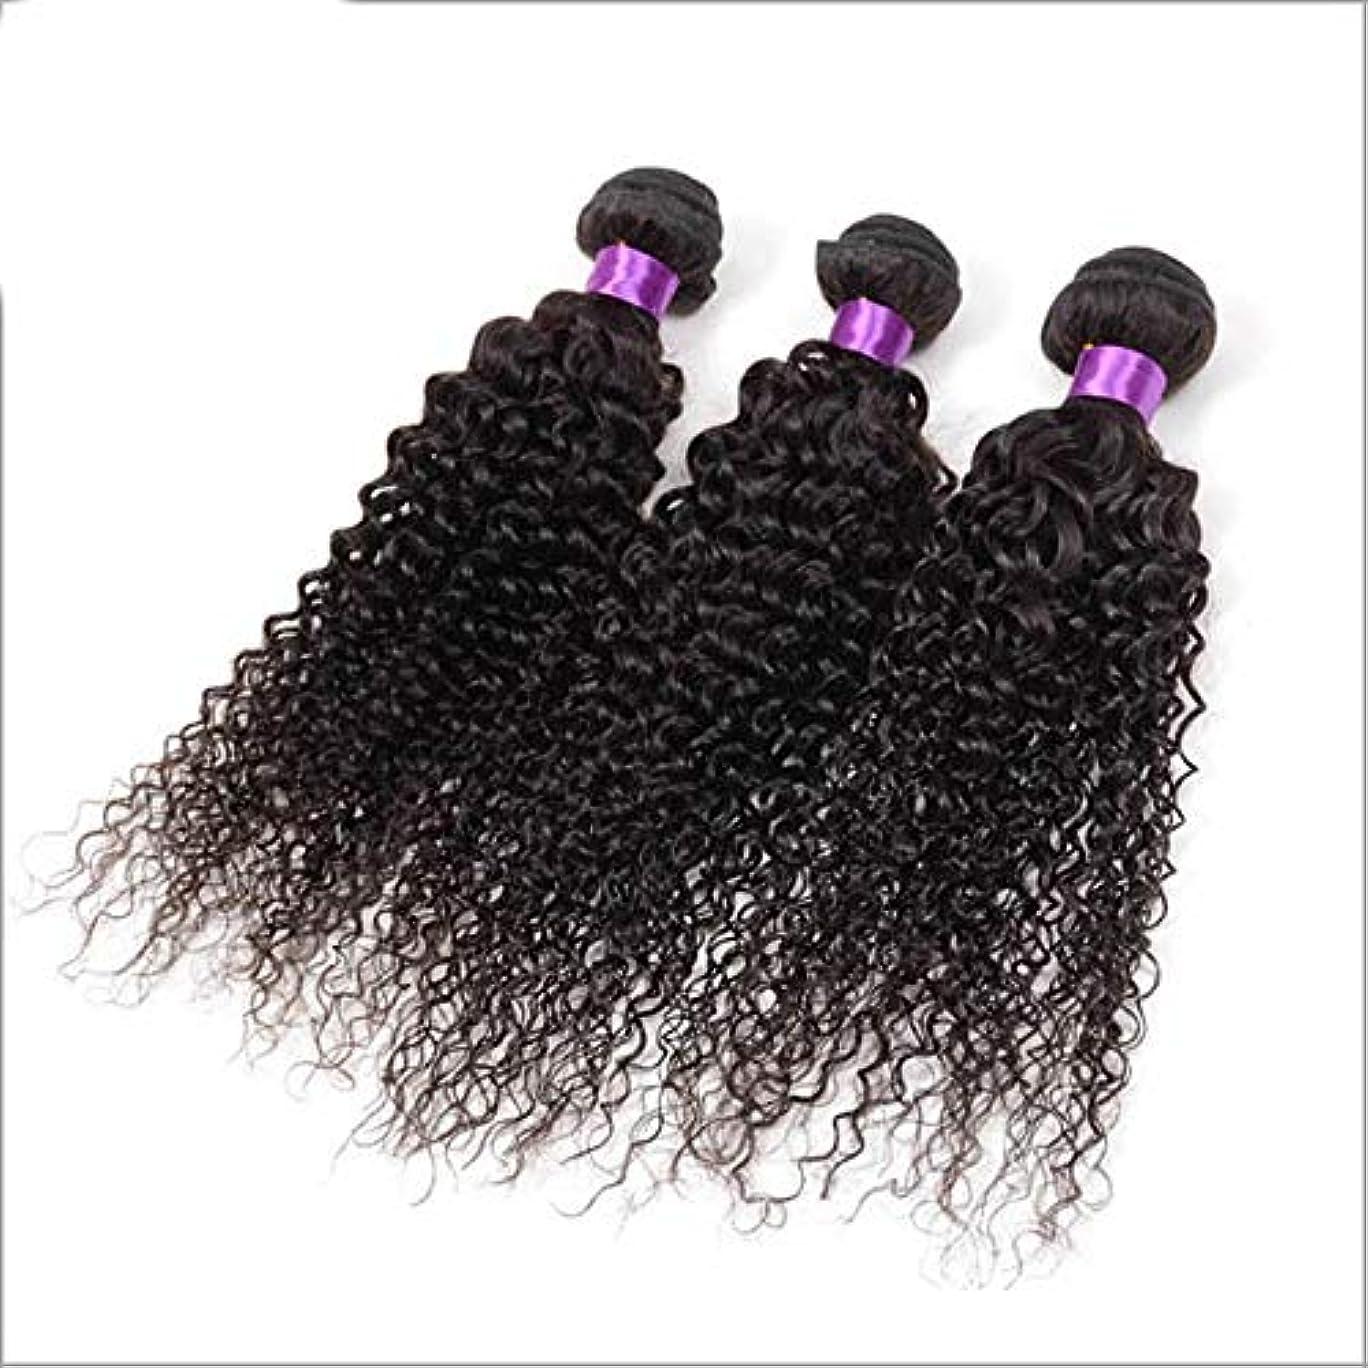 不均一ステートメントギャザーYESONEEP ブラジルの変態巻き毛の束人間の髪の束3バンドルナチュラルブラックカラー複合毛レースのかつらロールプレイングかつら (色 : 黒, サイズ : 16 inch)